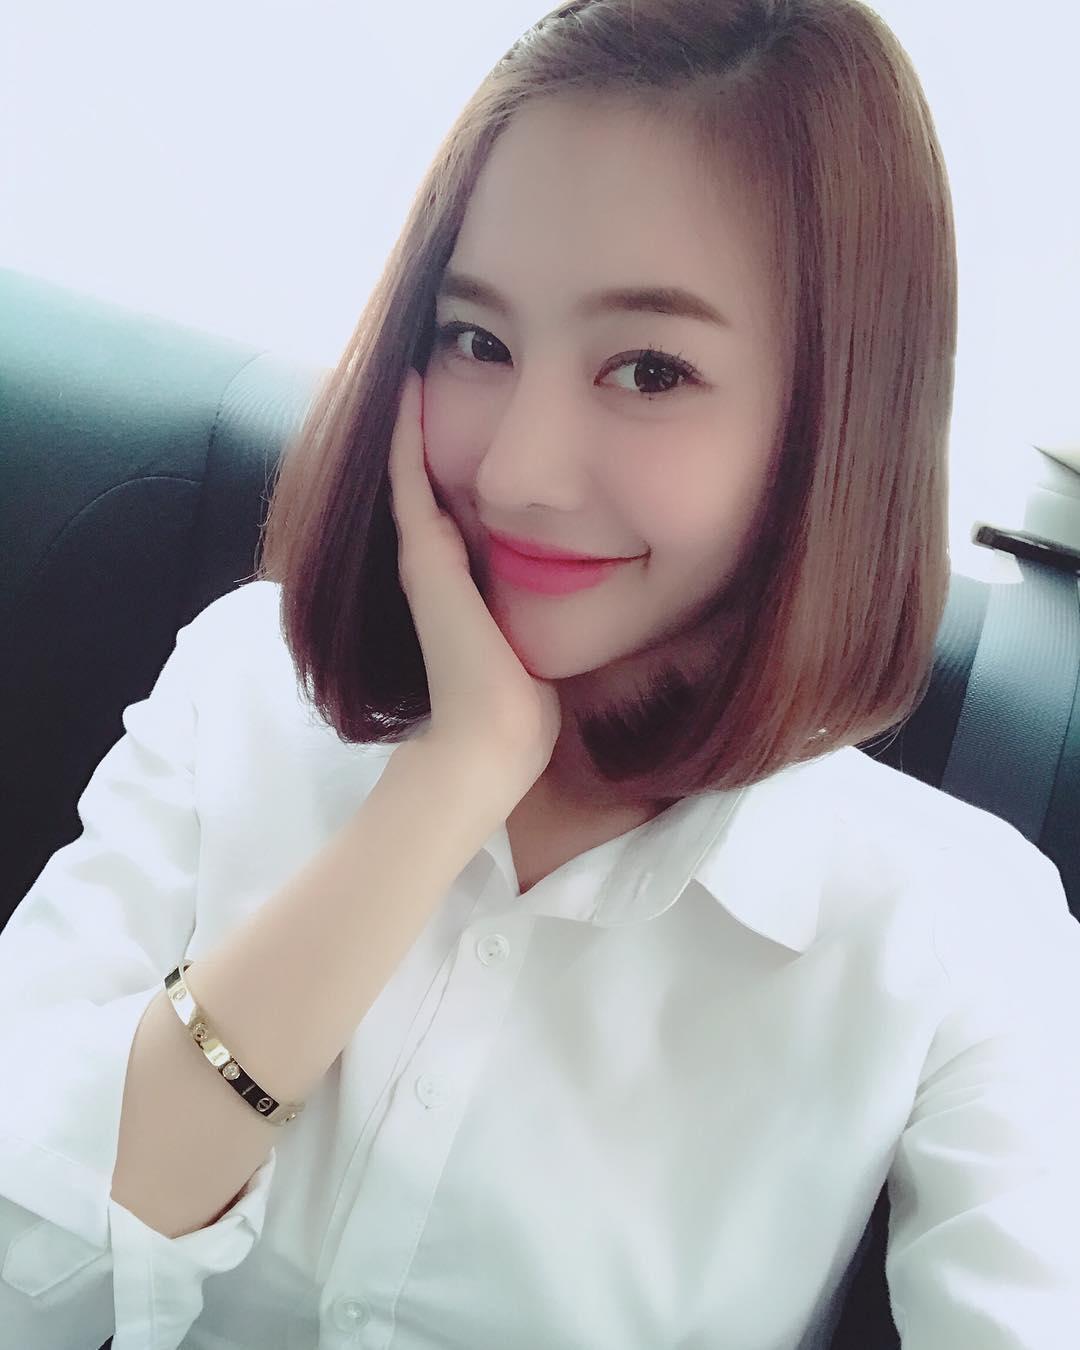 Tin sao Việt 3/10: MC Thùy Linh phân vân Mai Ngô ứng xử kém hay Hoa hậu Hoàn vũ cần người gây sốc để có view?-2